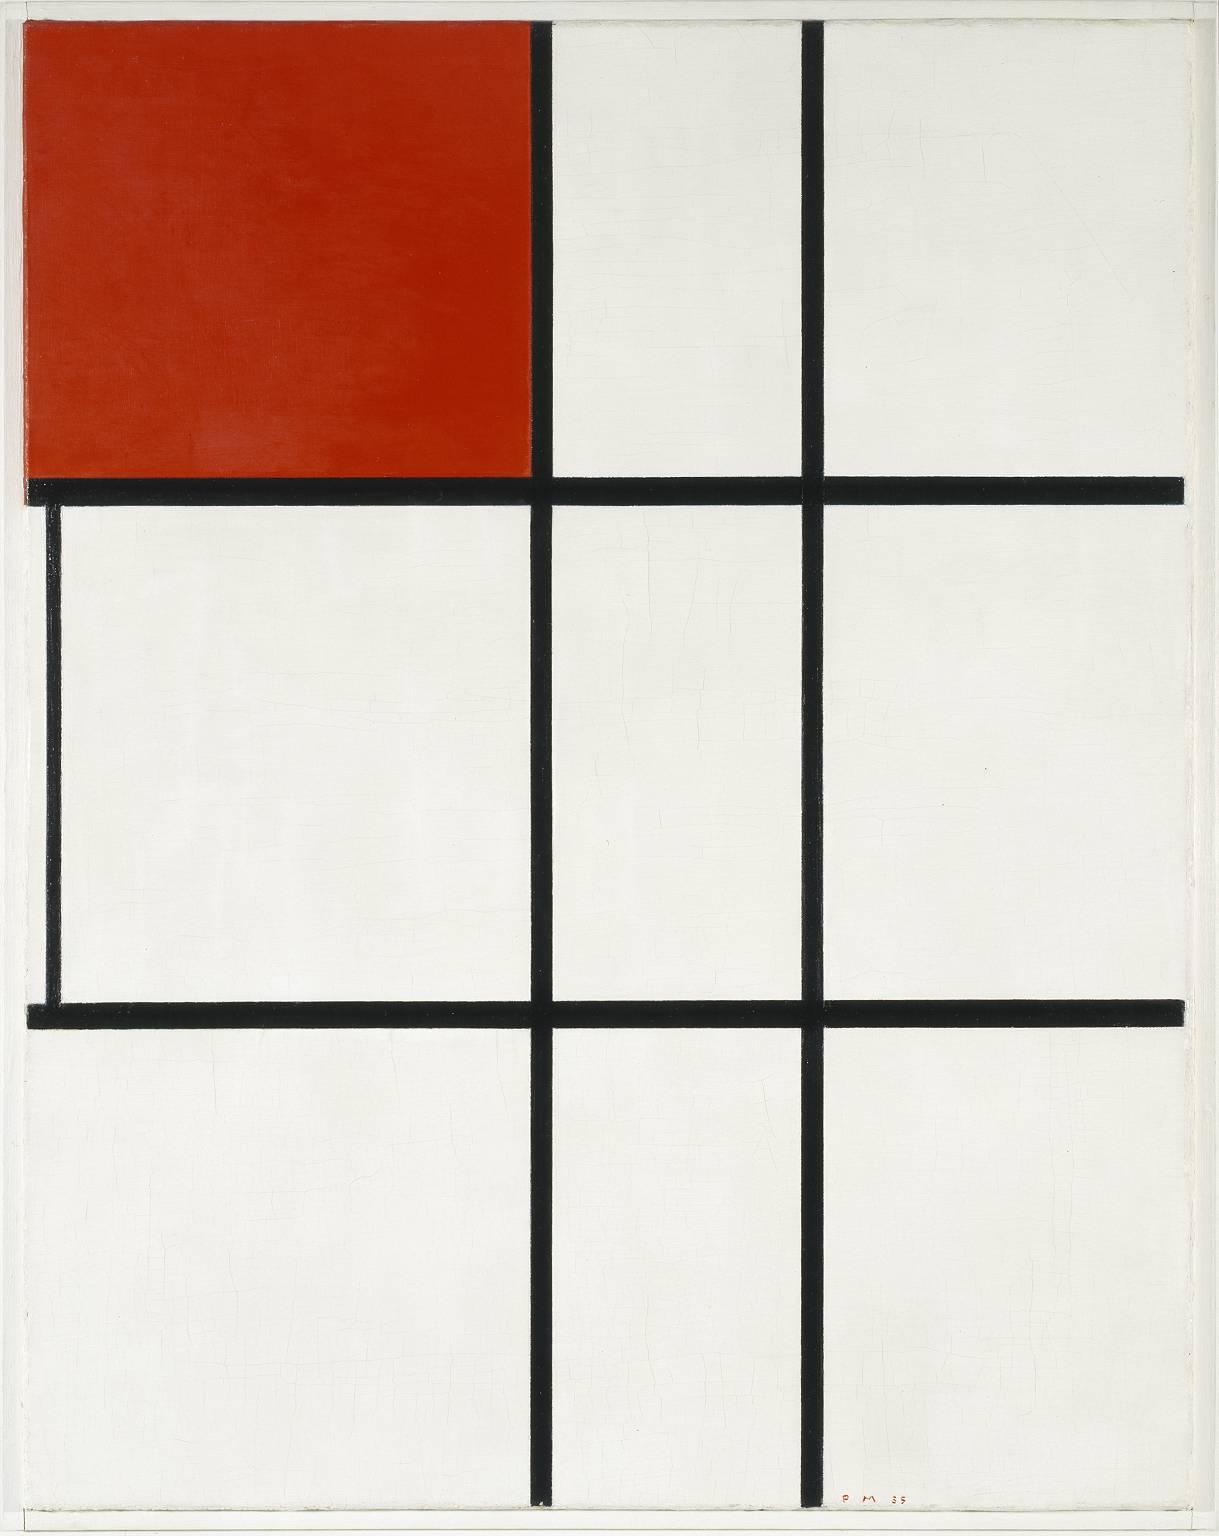 Piet Mondrian, Composizione B (No.II) con rosso